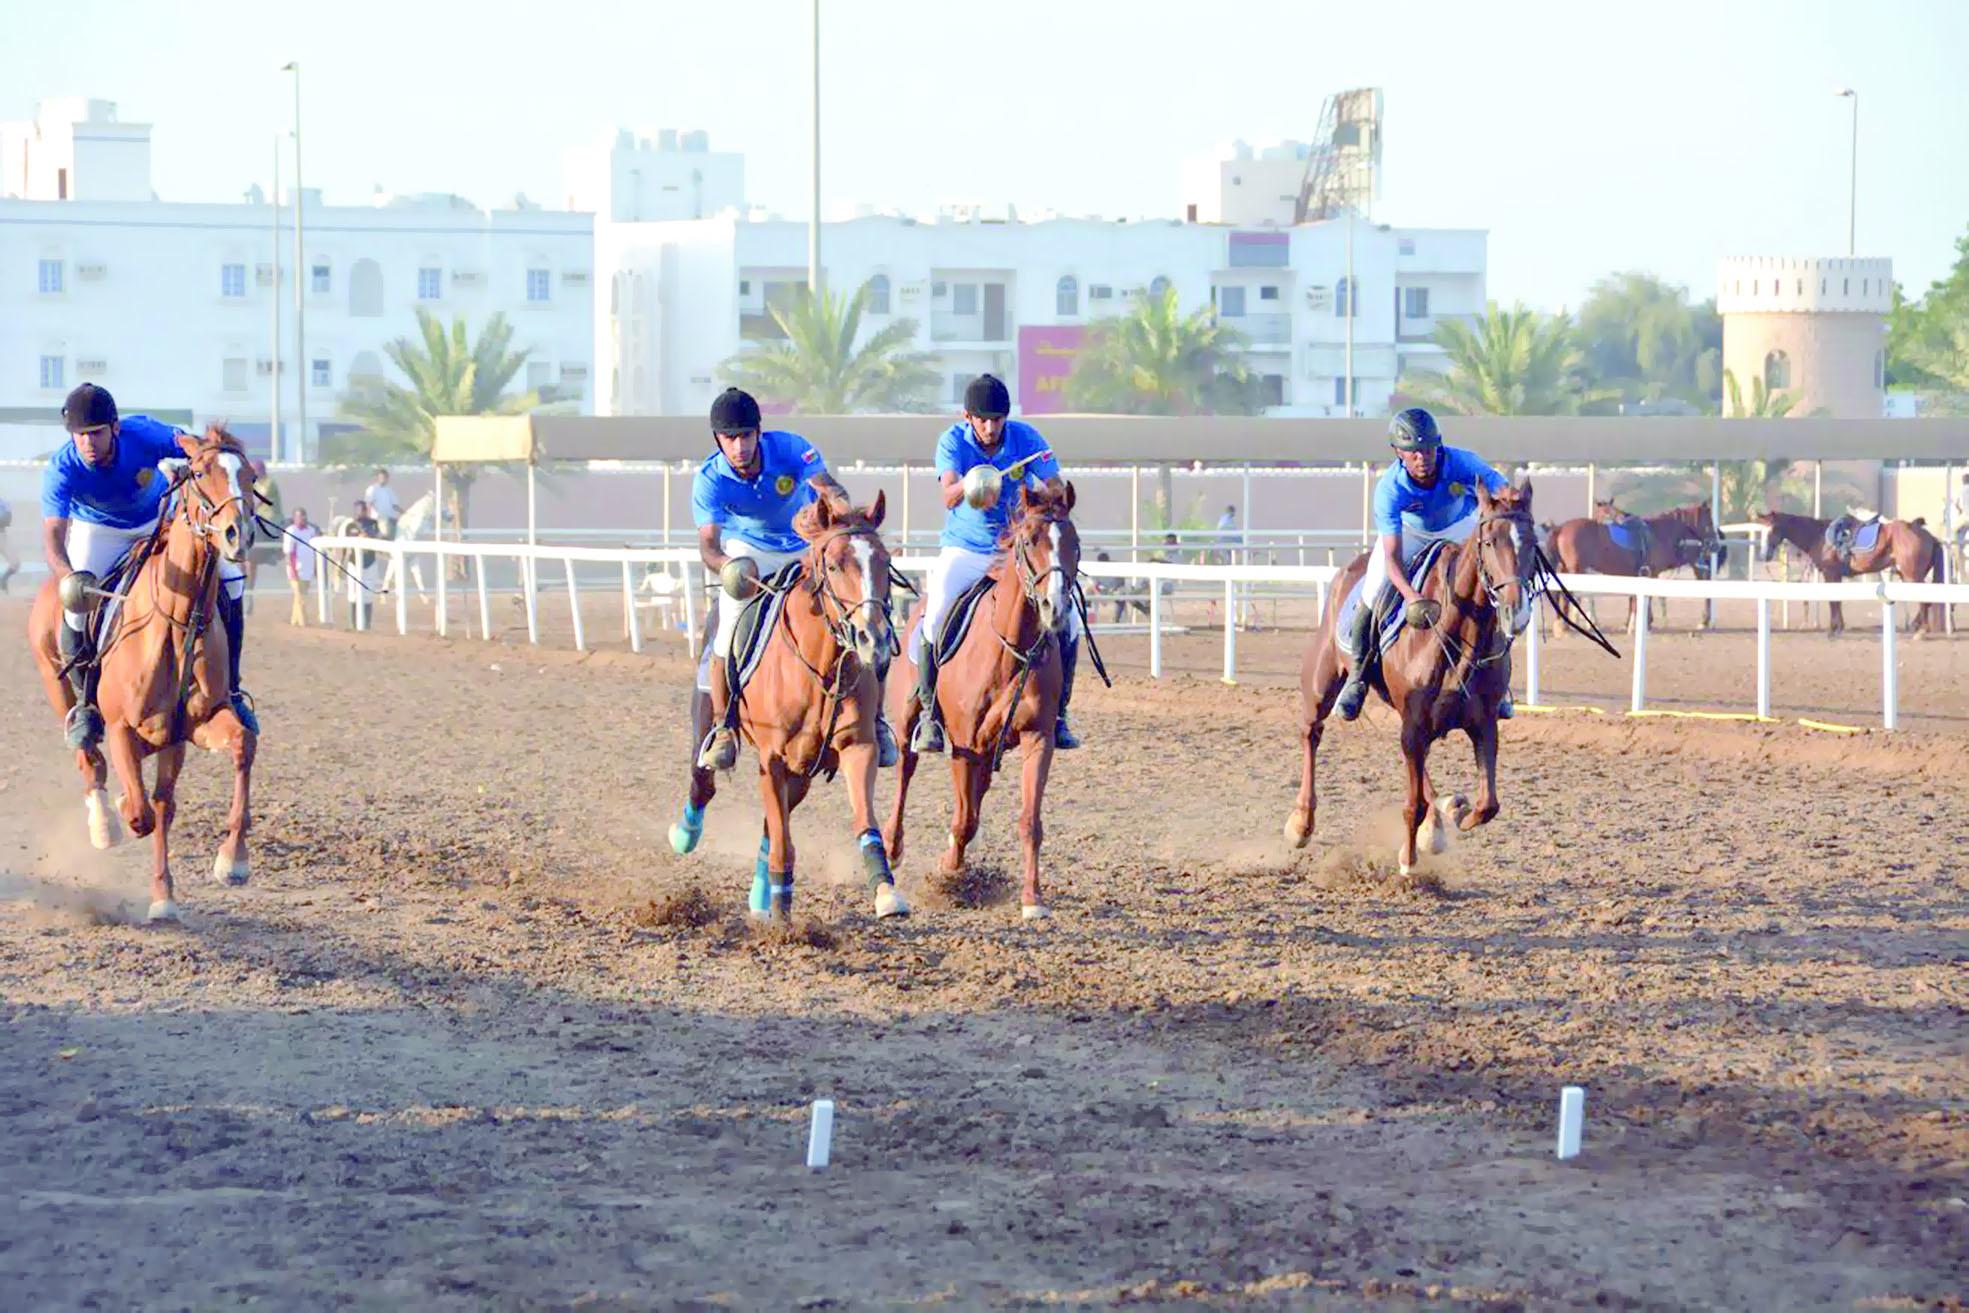 الخيالة السلطانية ومدرعات سلطان عمان يحافظان على صدارة درع الوزارة لالتقاط الأوتاد